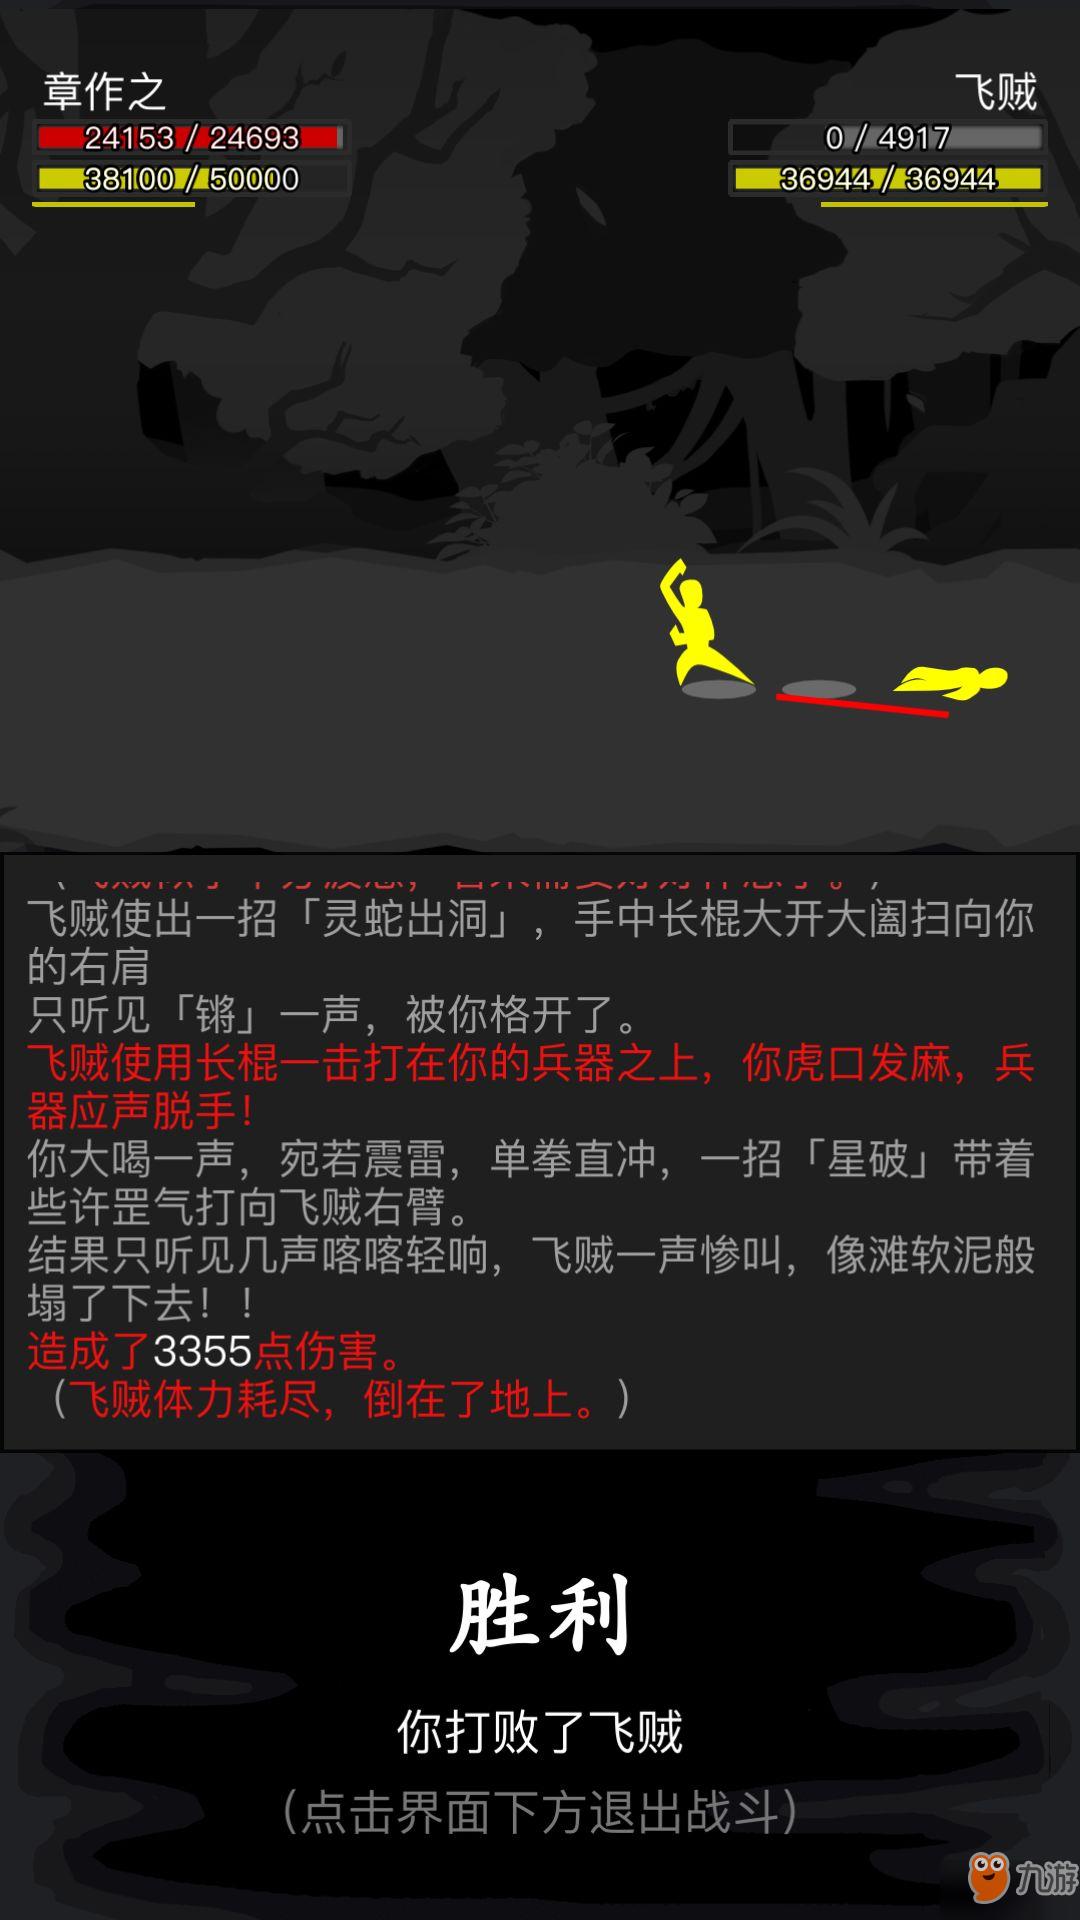 放置江湖第十章主支线攻略介绍 第十章剧情详解